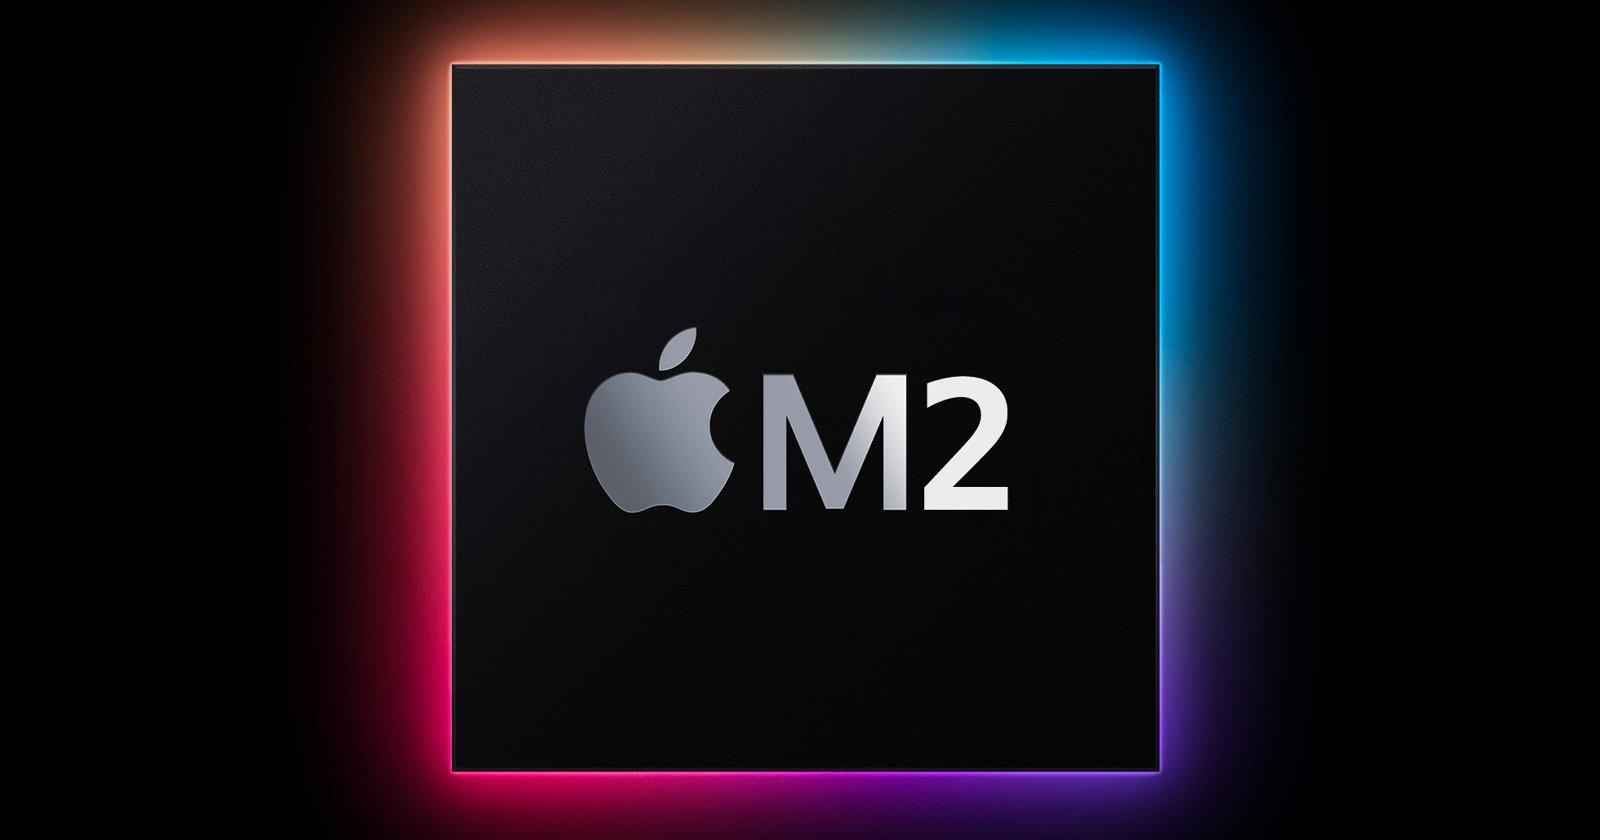 Nuovi MacBook alimentati dal chip M2 di Apple in arrivo quest'anno: Report